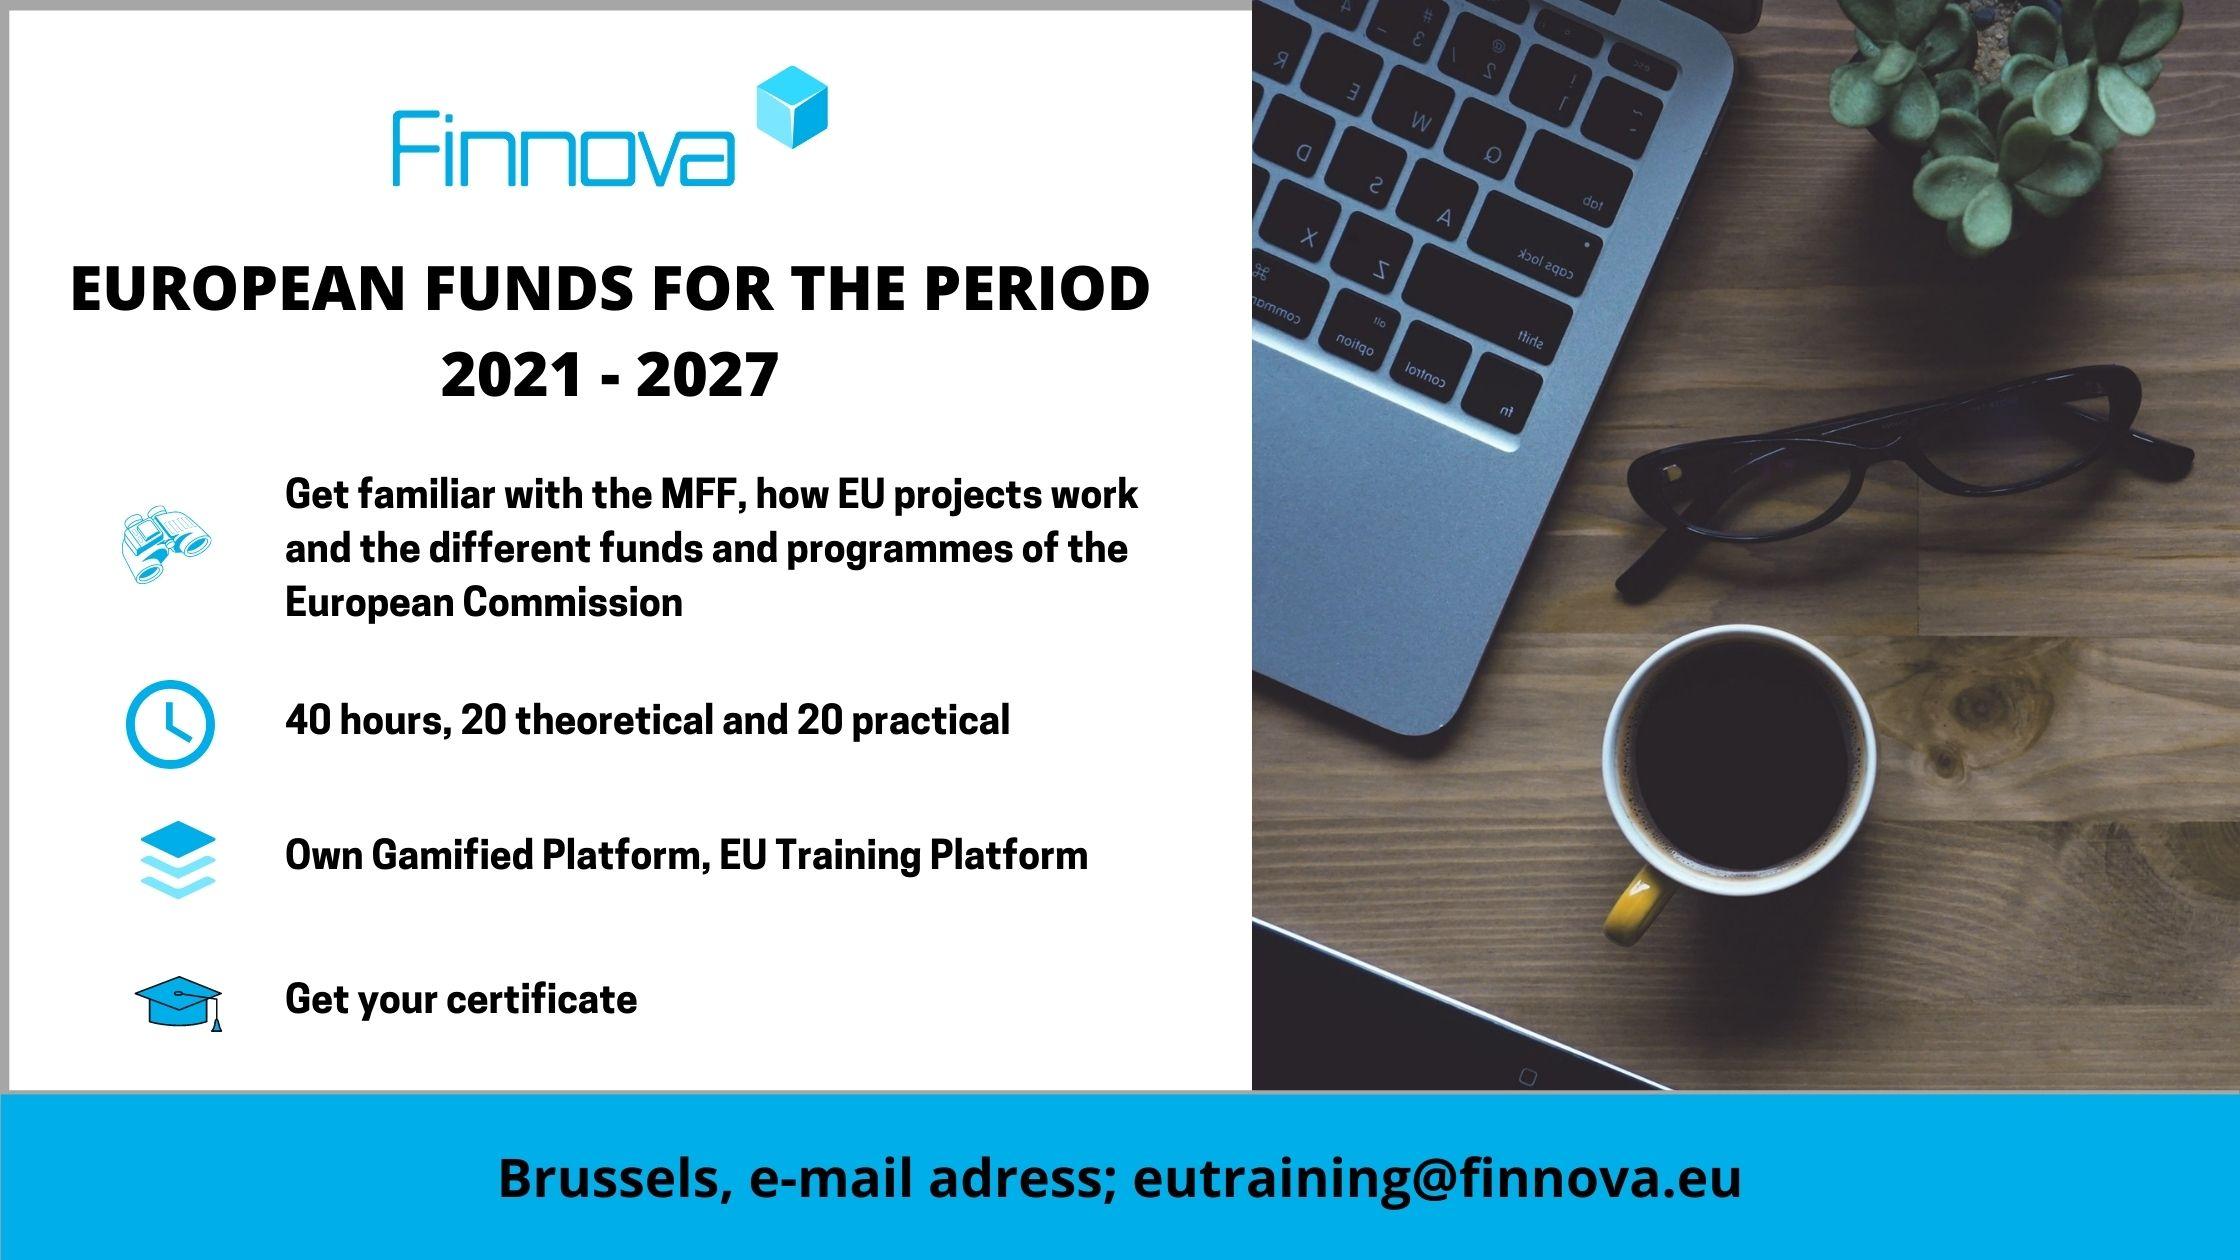 FONDOS EUROPEOS PARA EL PERÍODO 2021 - 2027_eng